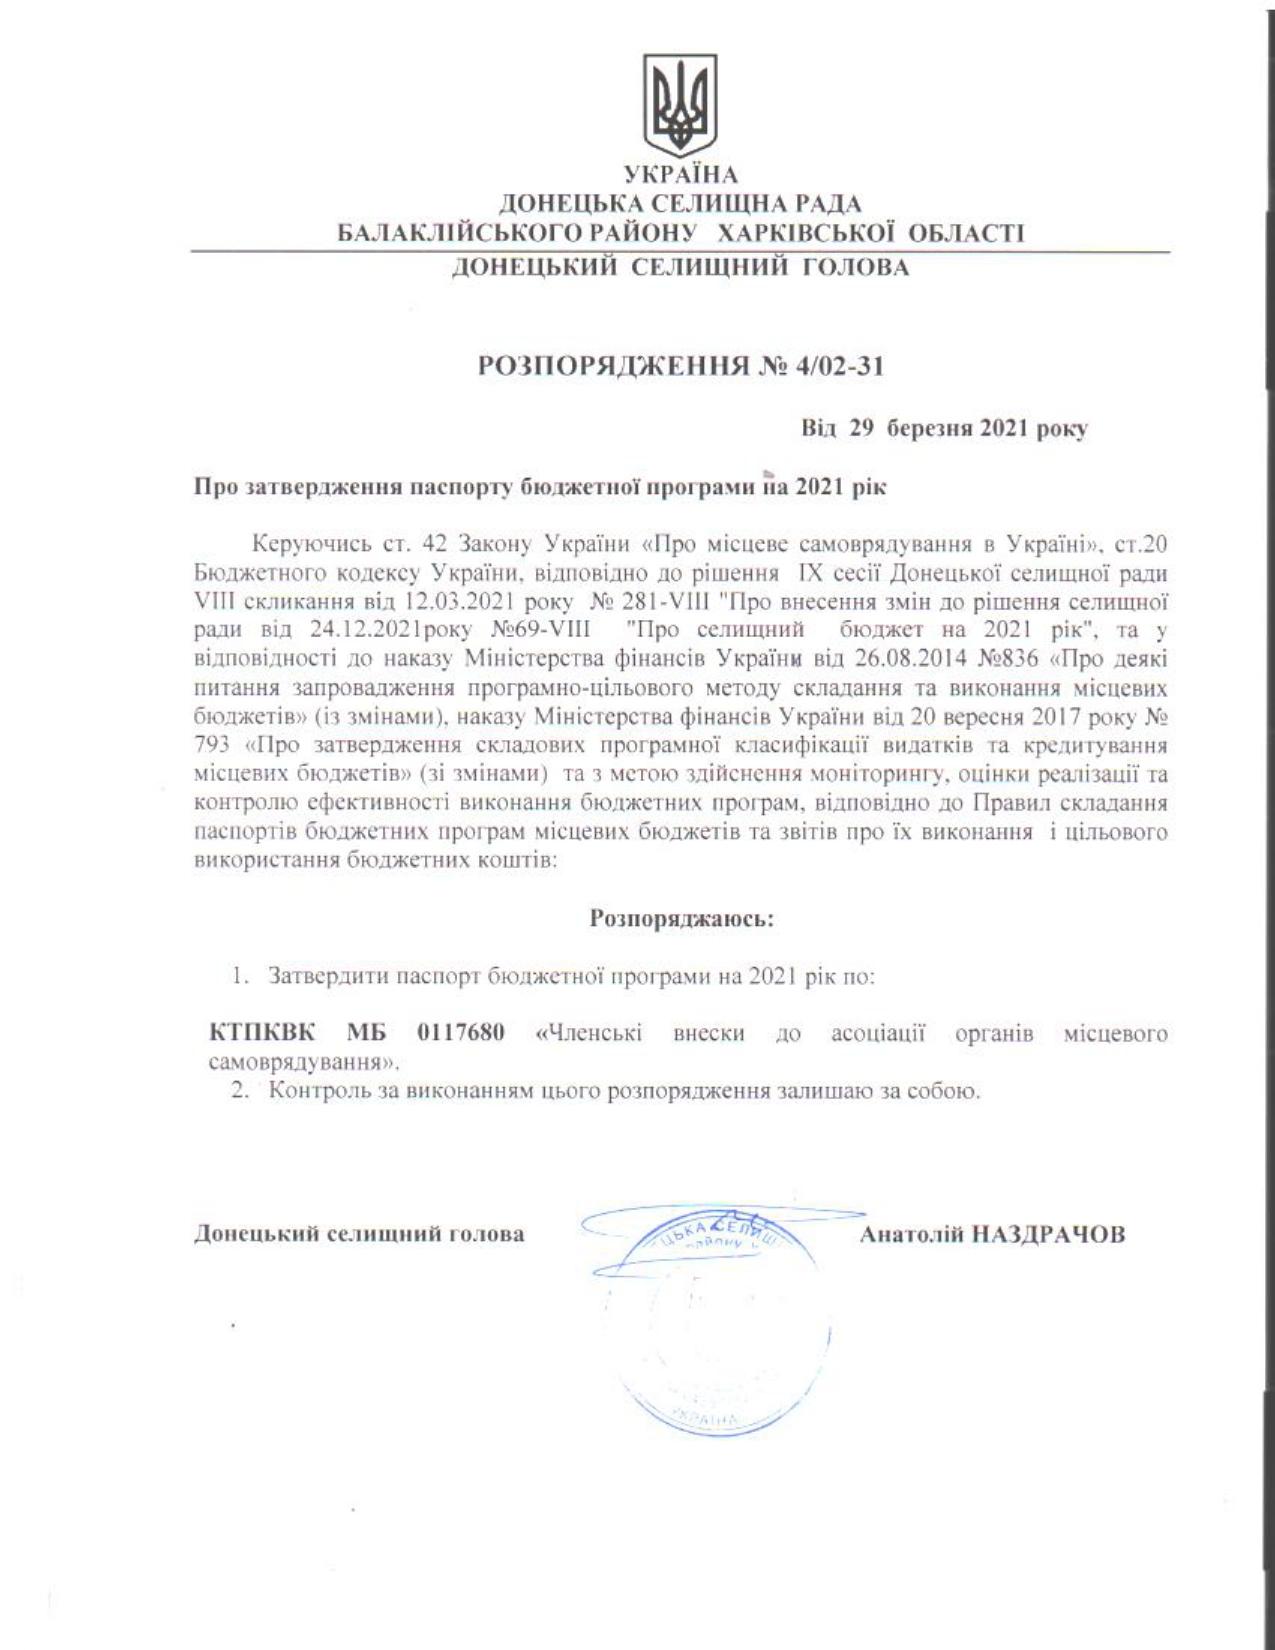 Розпорядження №4/02-31 Про затвердження паспорту бюджетної програми на 2021 рік та Паспорт